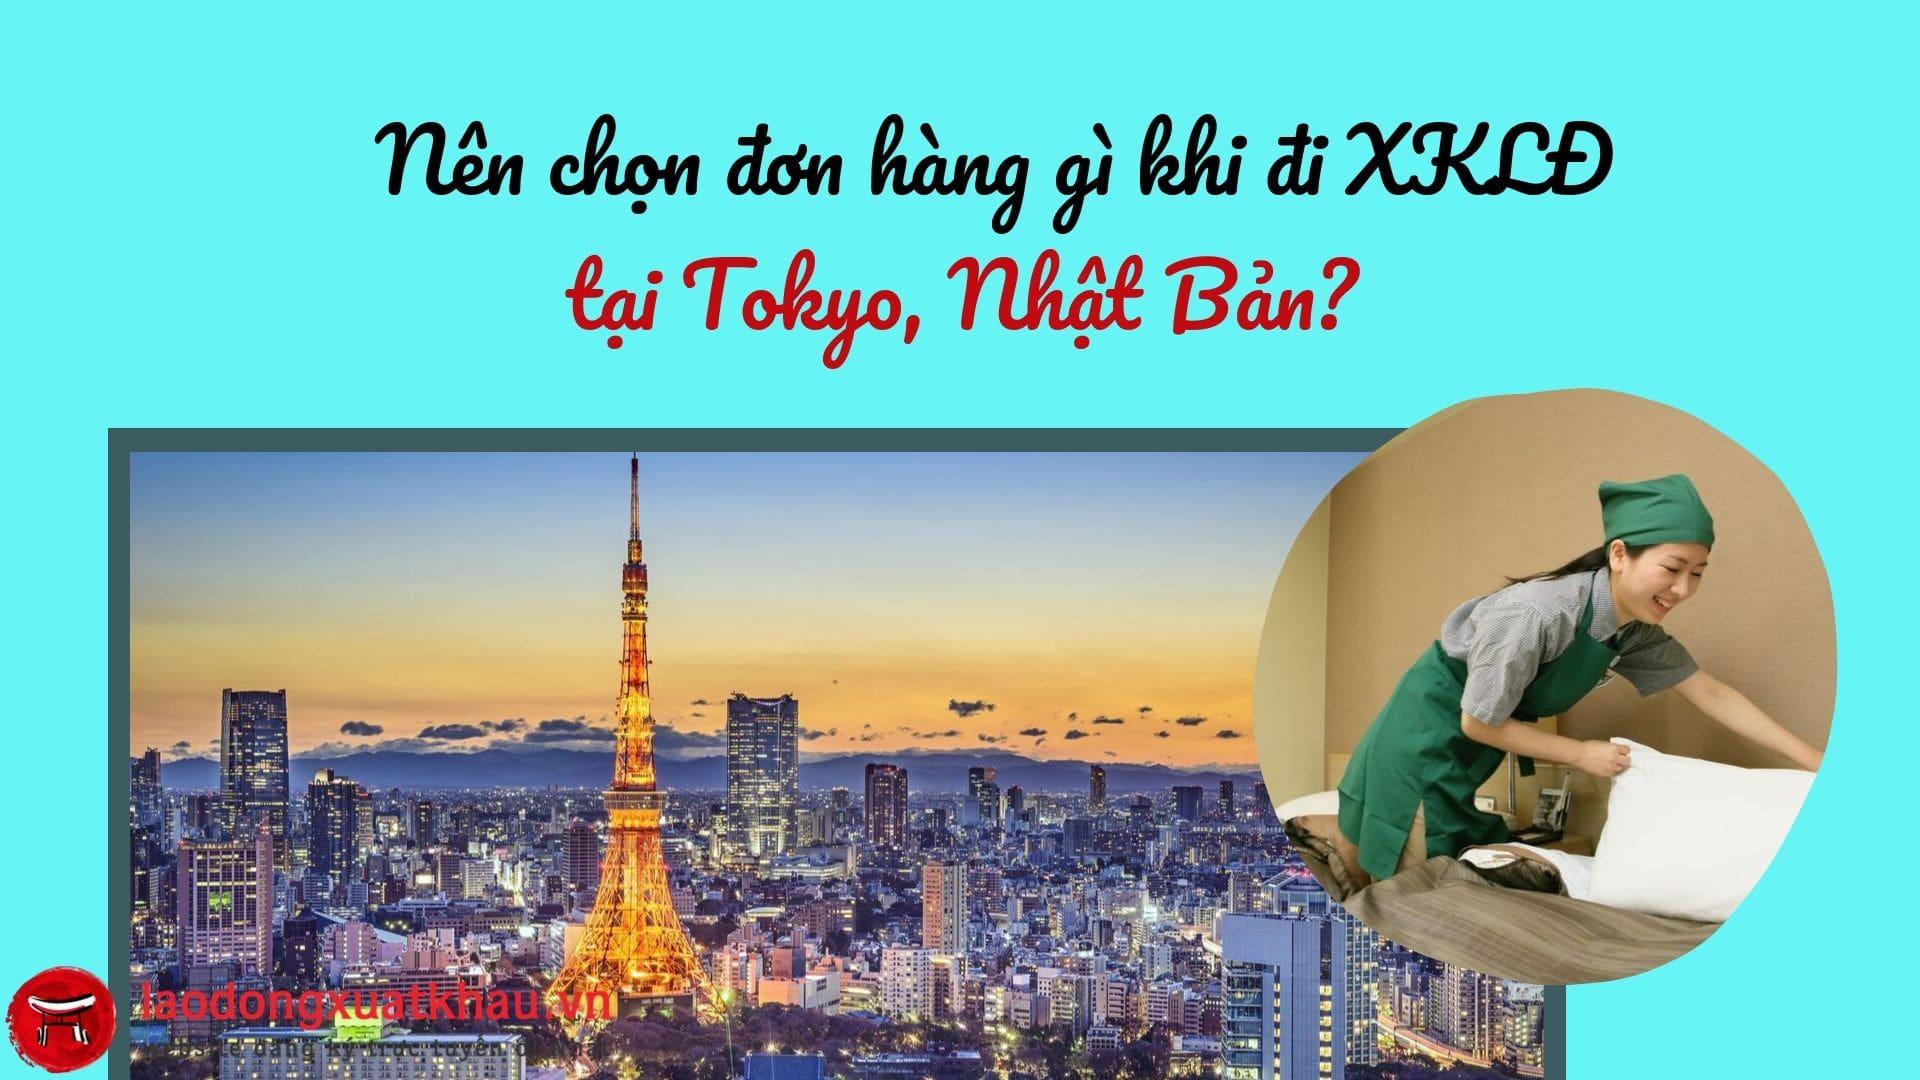 Bật mí top 10 đơn hàng tốt nhất nên chọn khi đi XKLĐ tại Tokyo, Nhật Bản